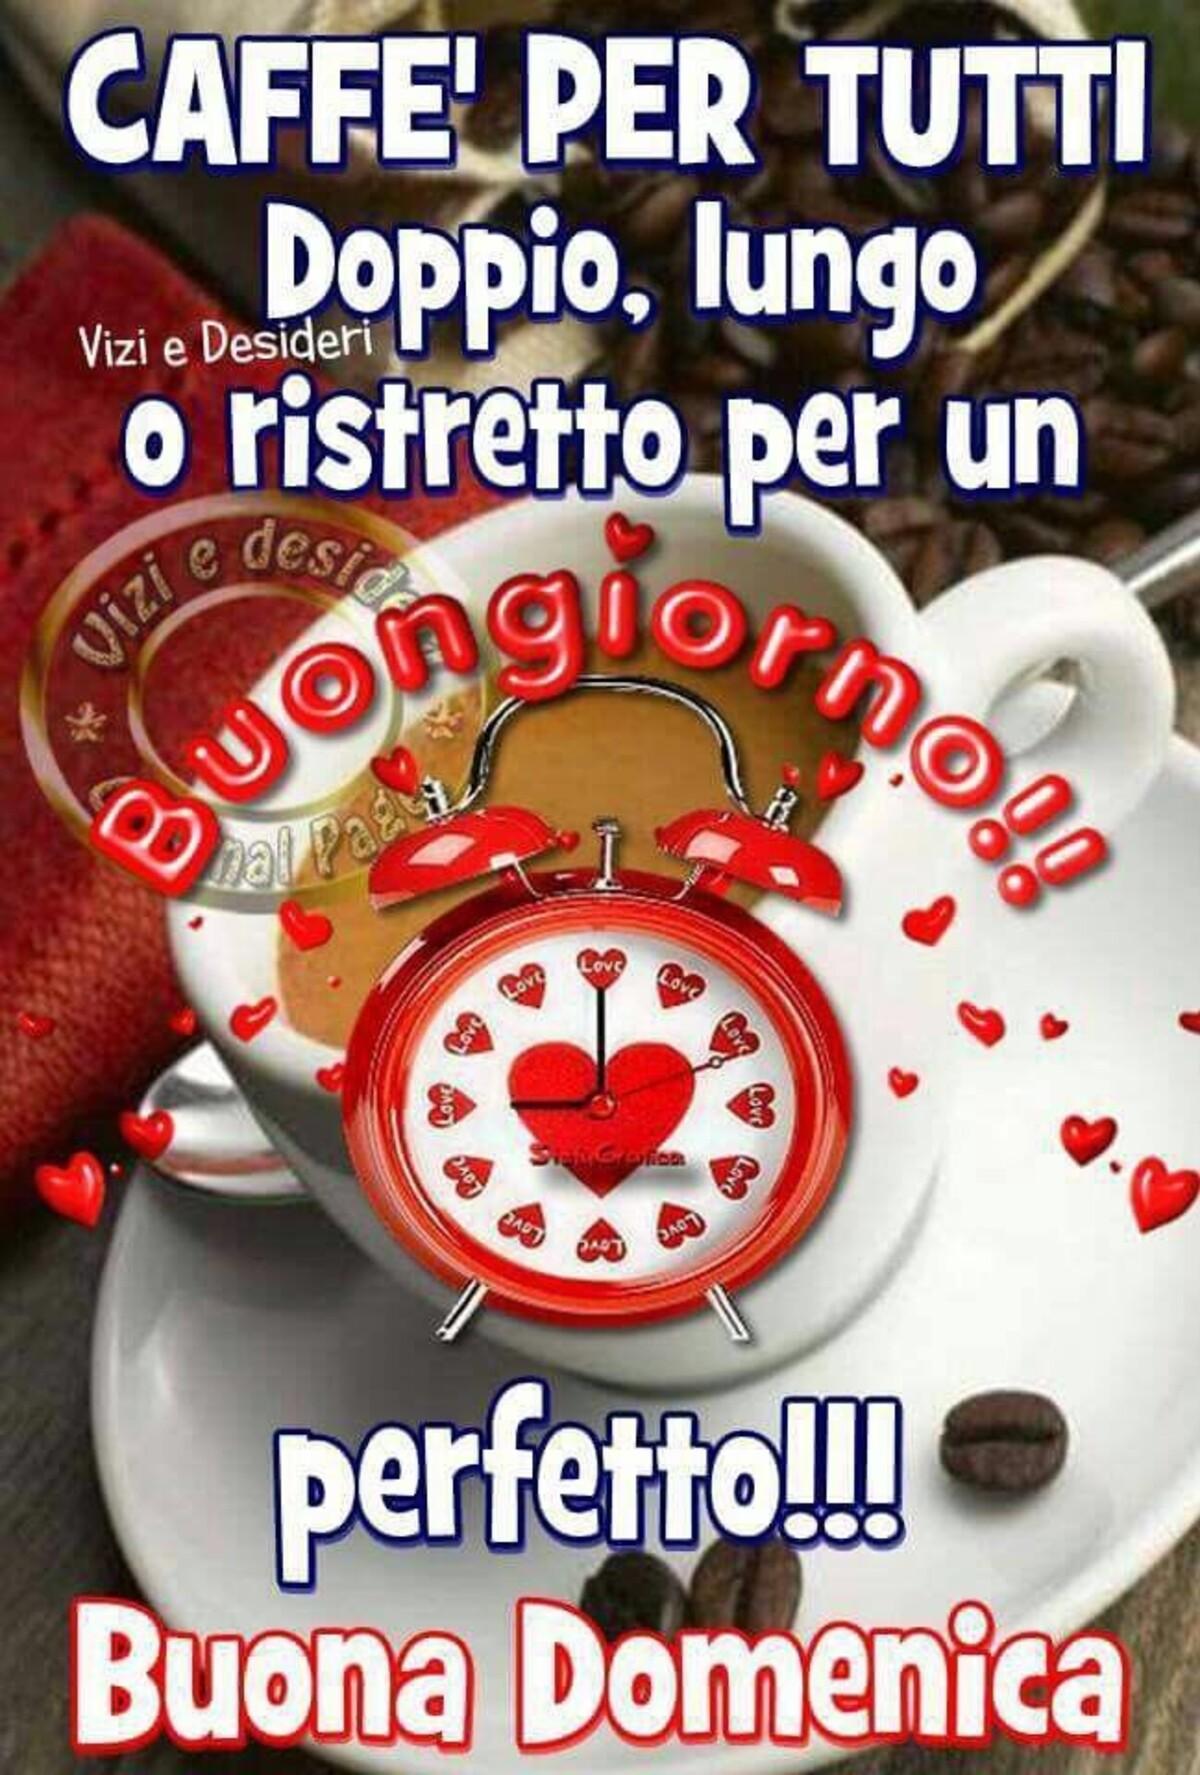 Caffè per tutti doppio, lungo o ristretto per un buongiorno perfetto!!! Buona Domenica